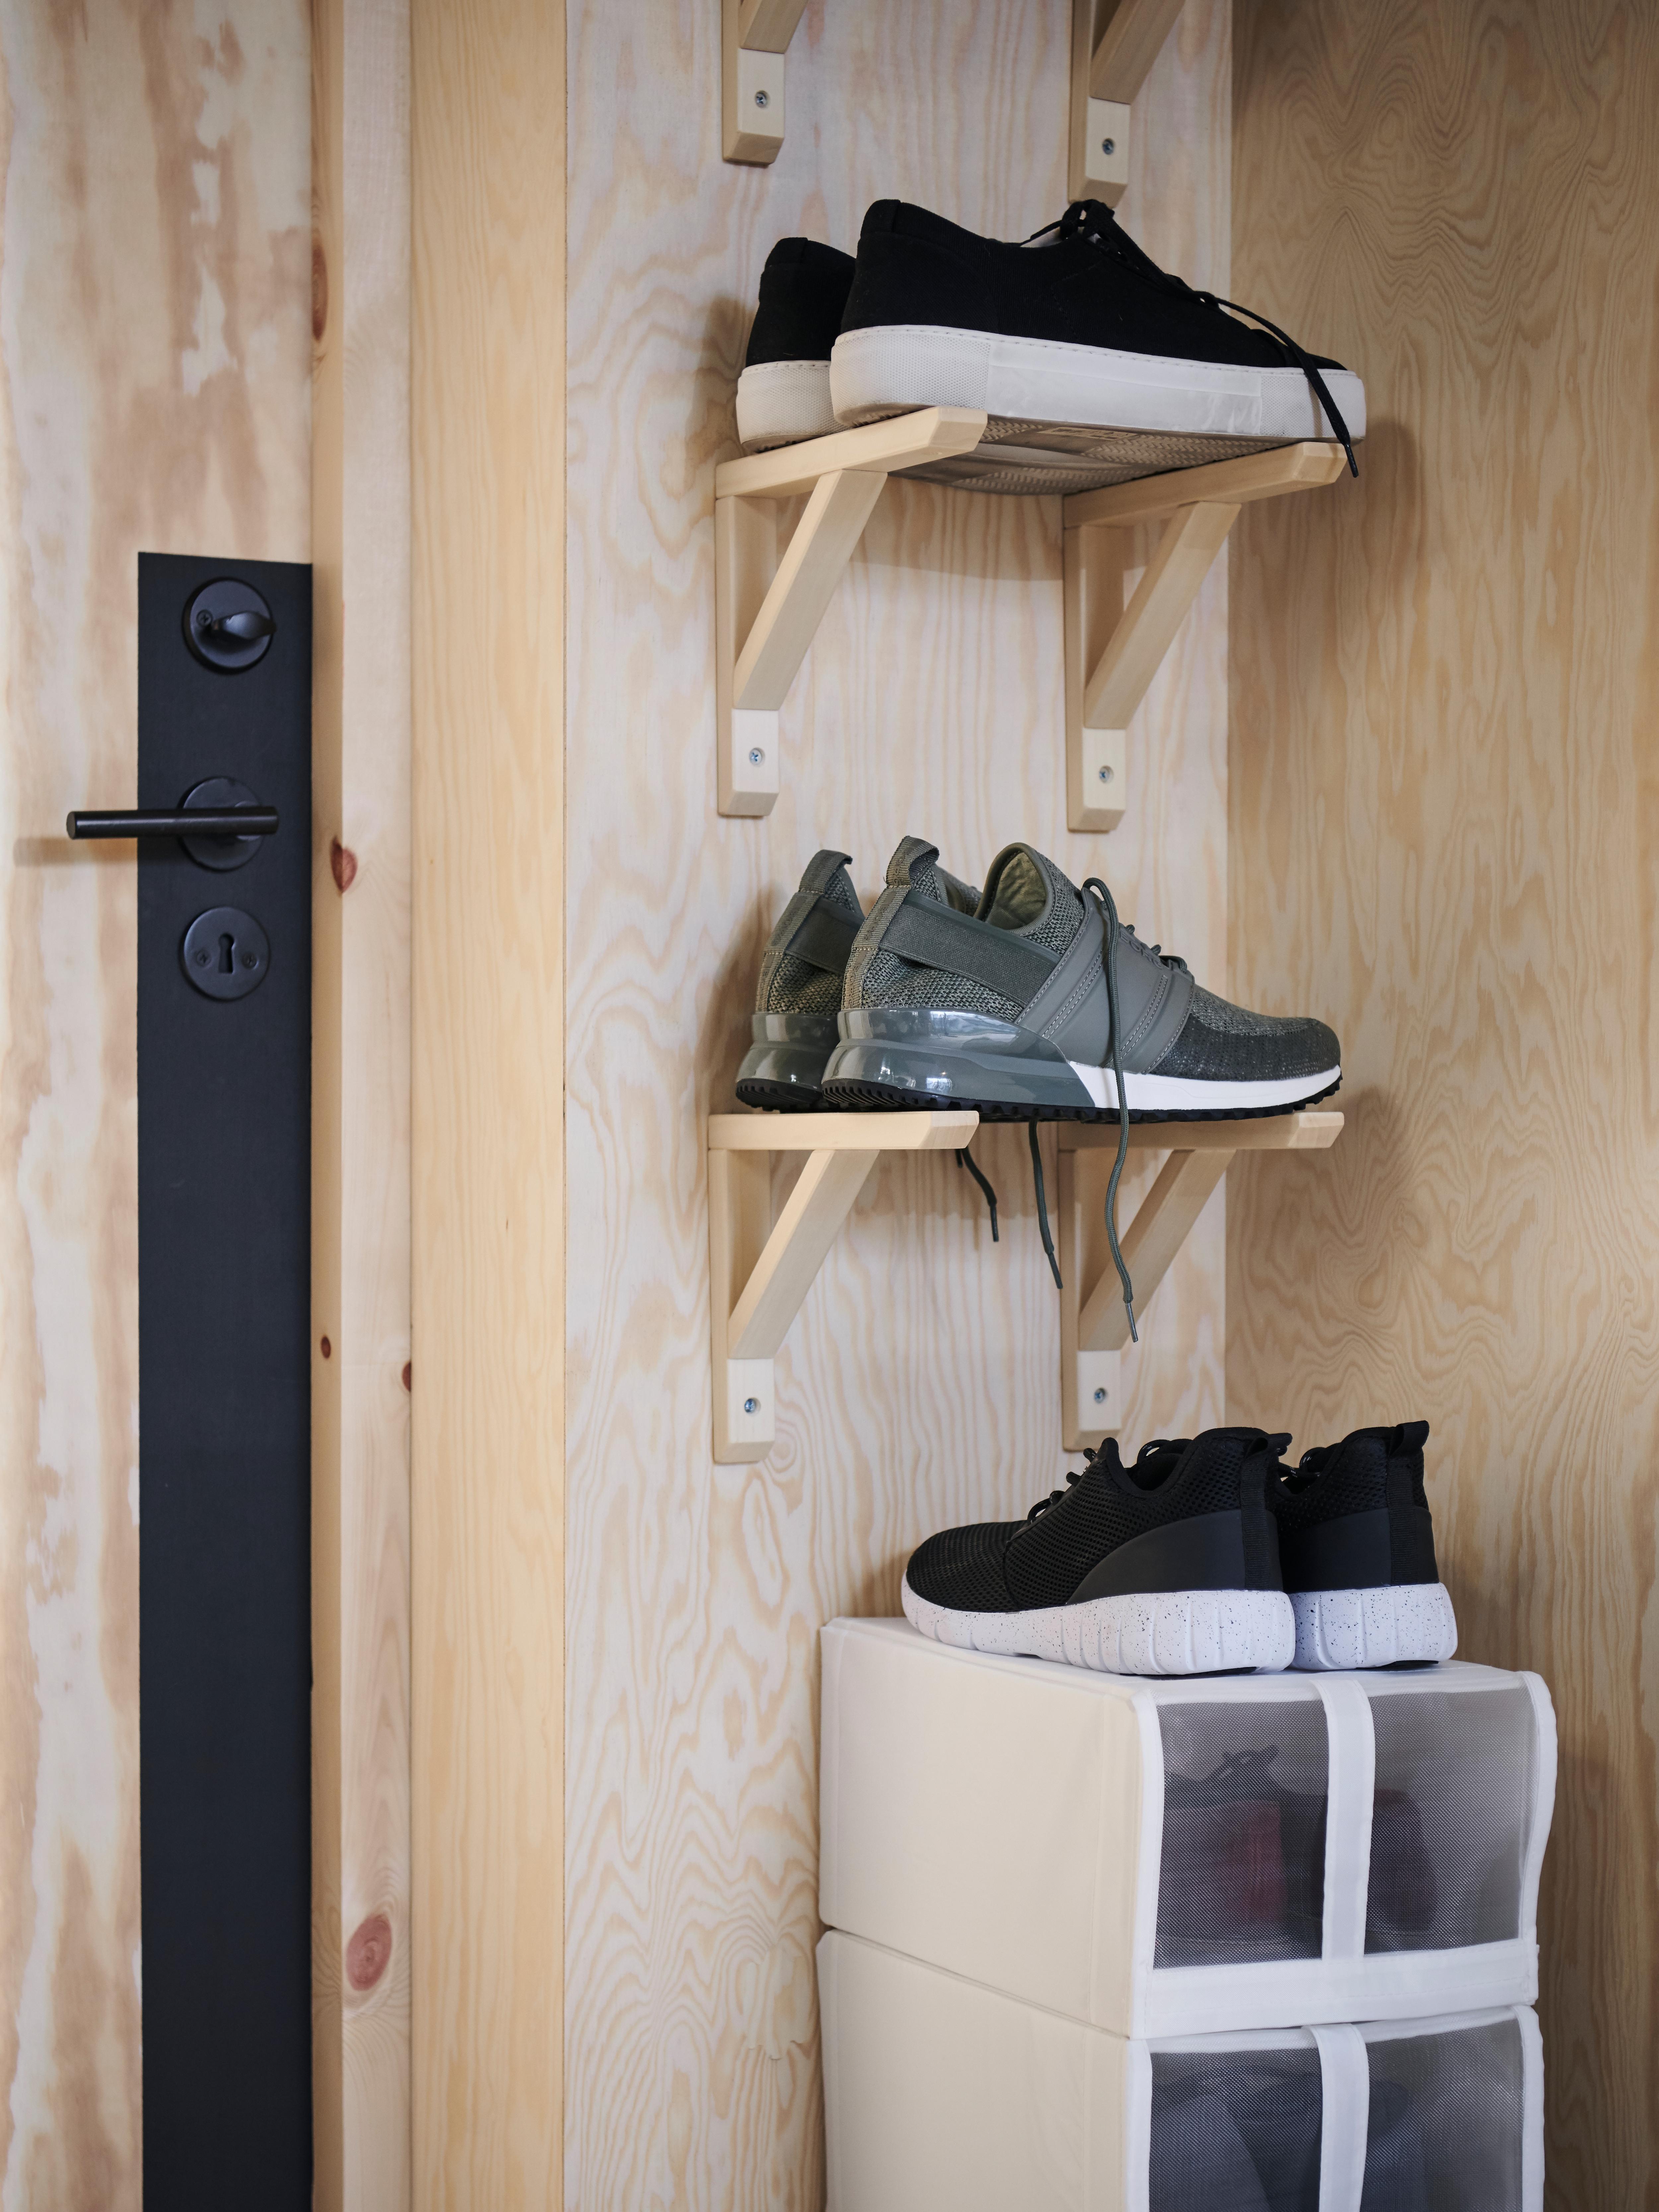 Mali zid pored vrata ima sportske cipele koje stoje na SANDSHULT nosaču od drva jasike, iznad hrpe bijelih kutija za cipele.